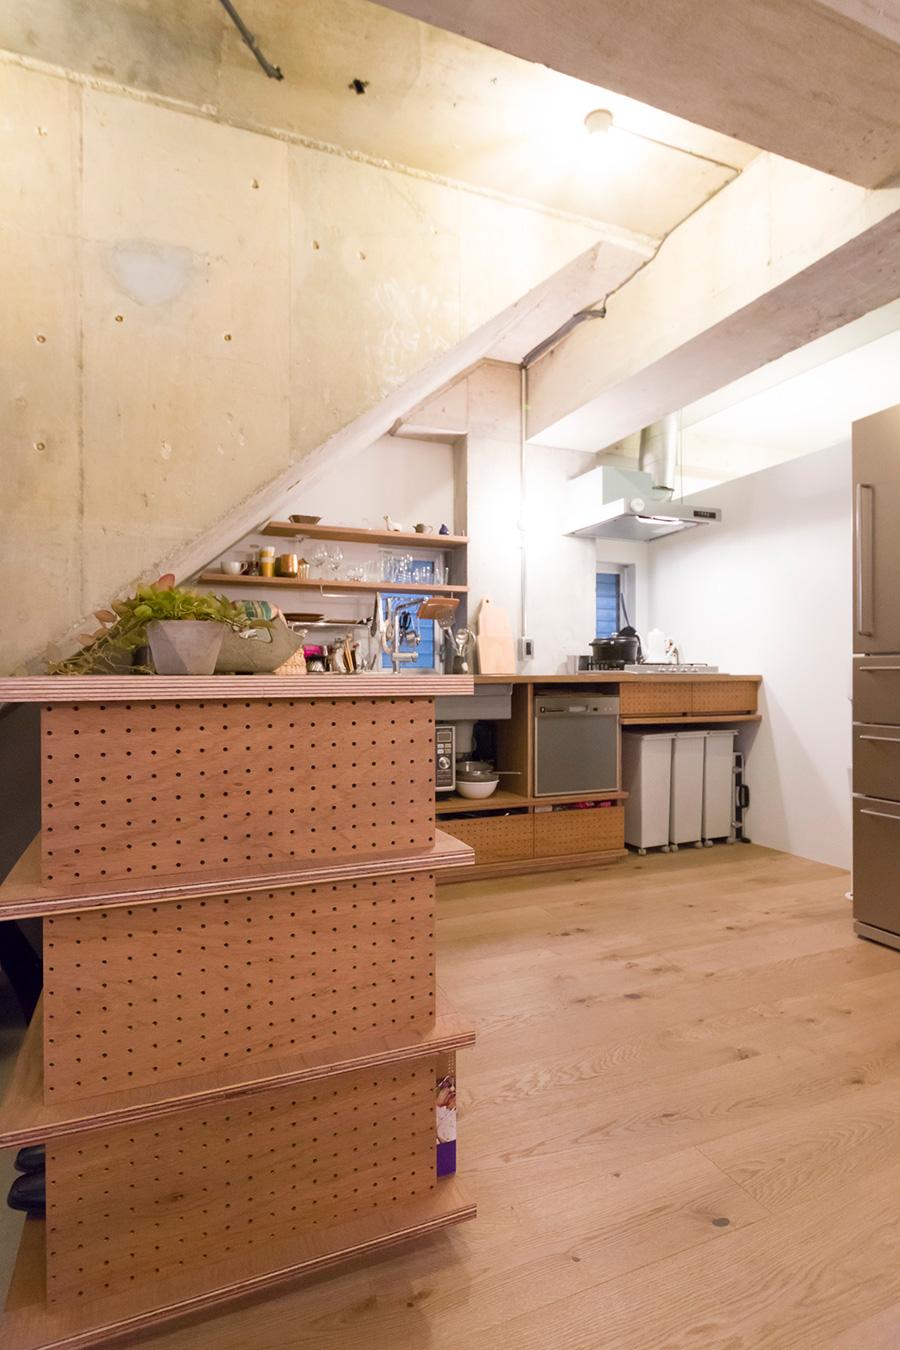 物入れの側面やキッチンの引き出しには、表情のある有孔ボードを使っている。